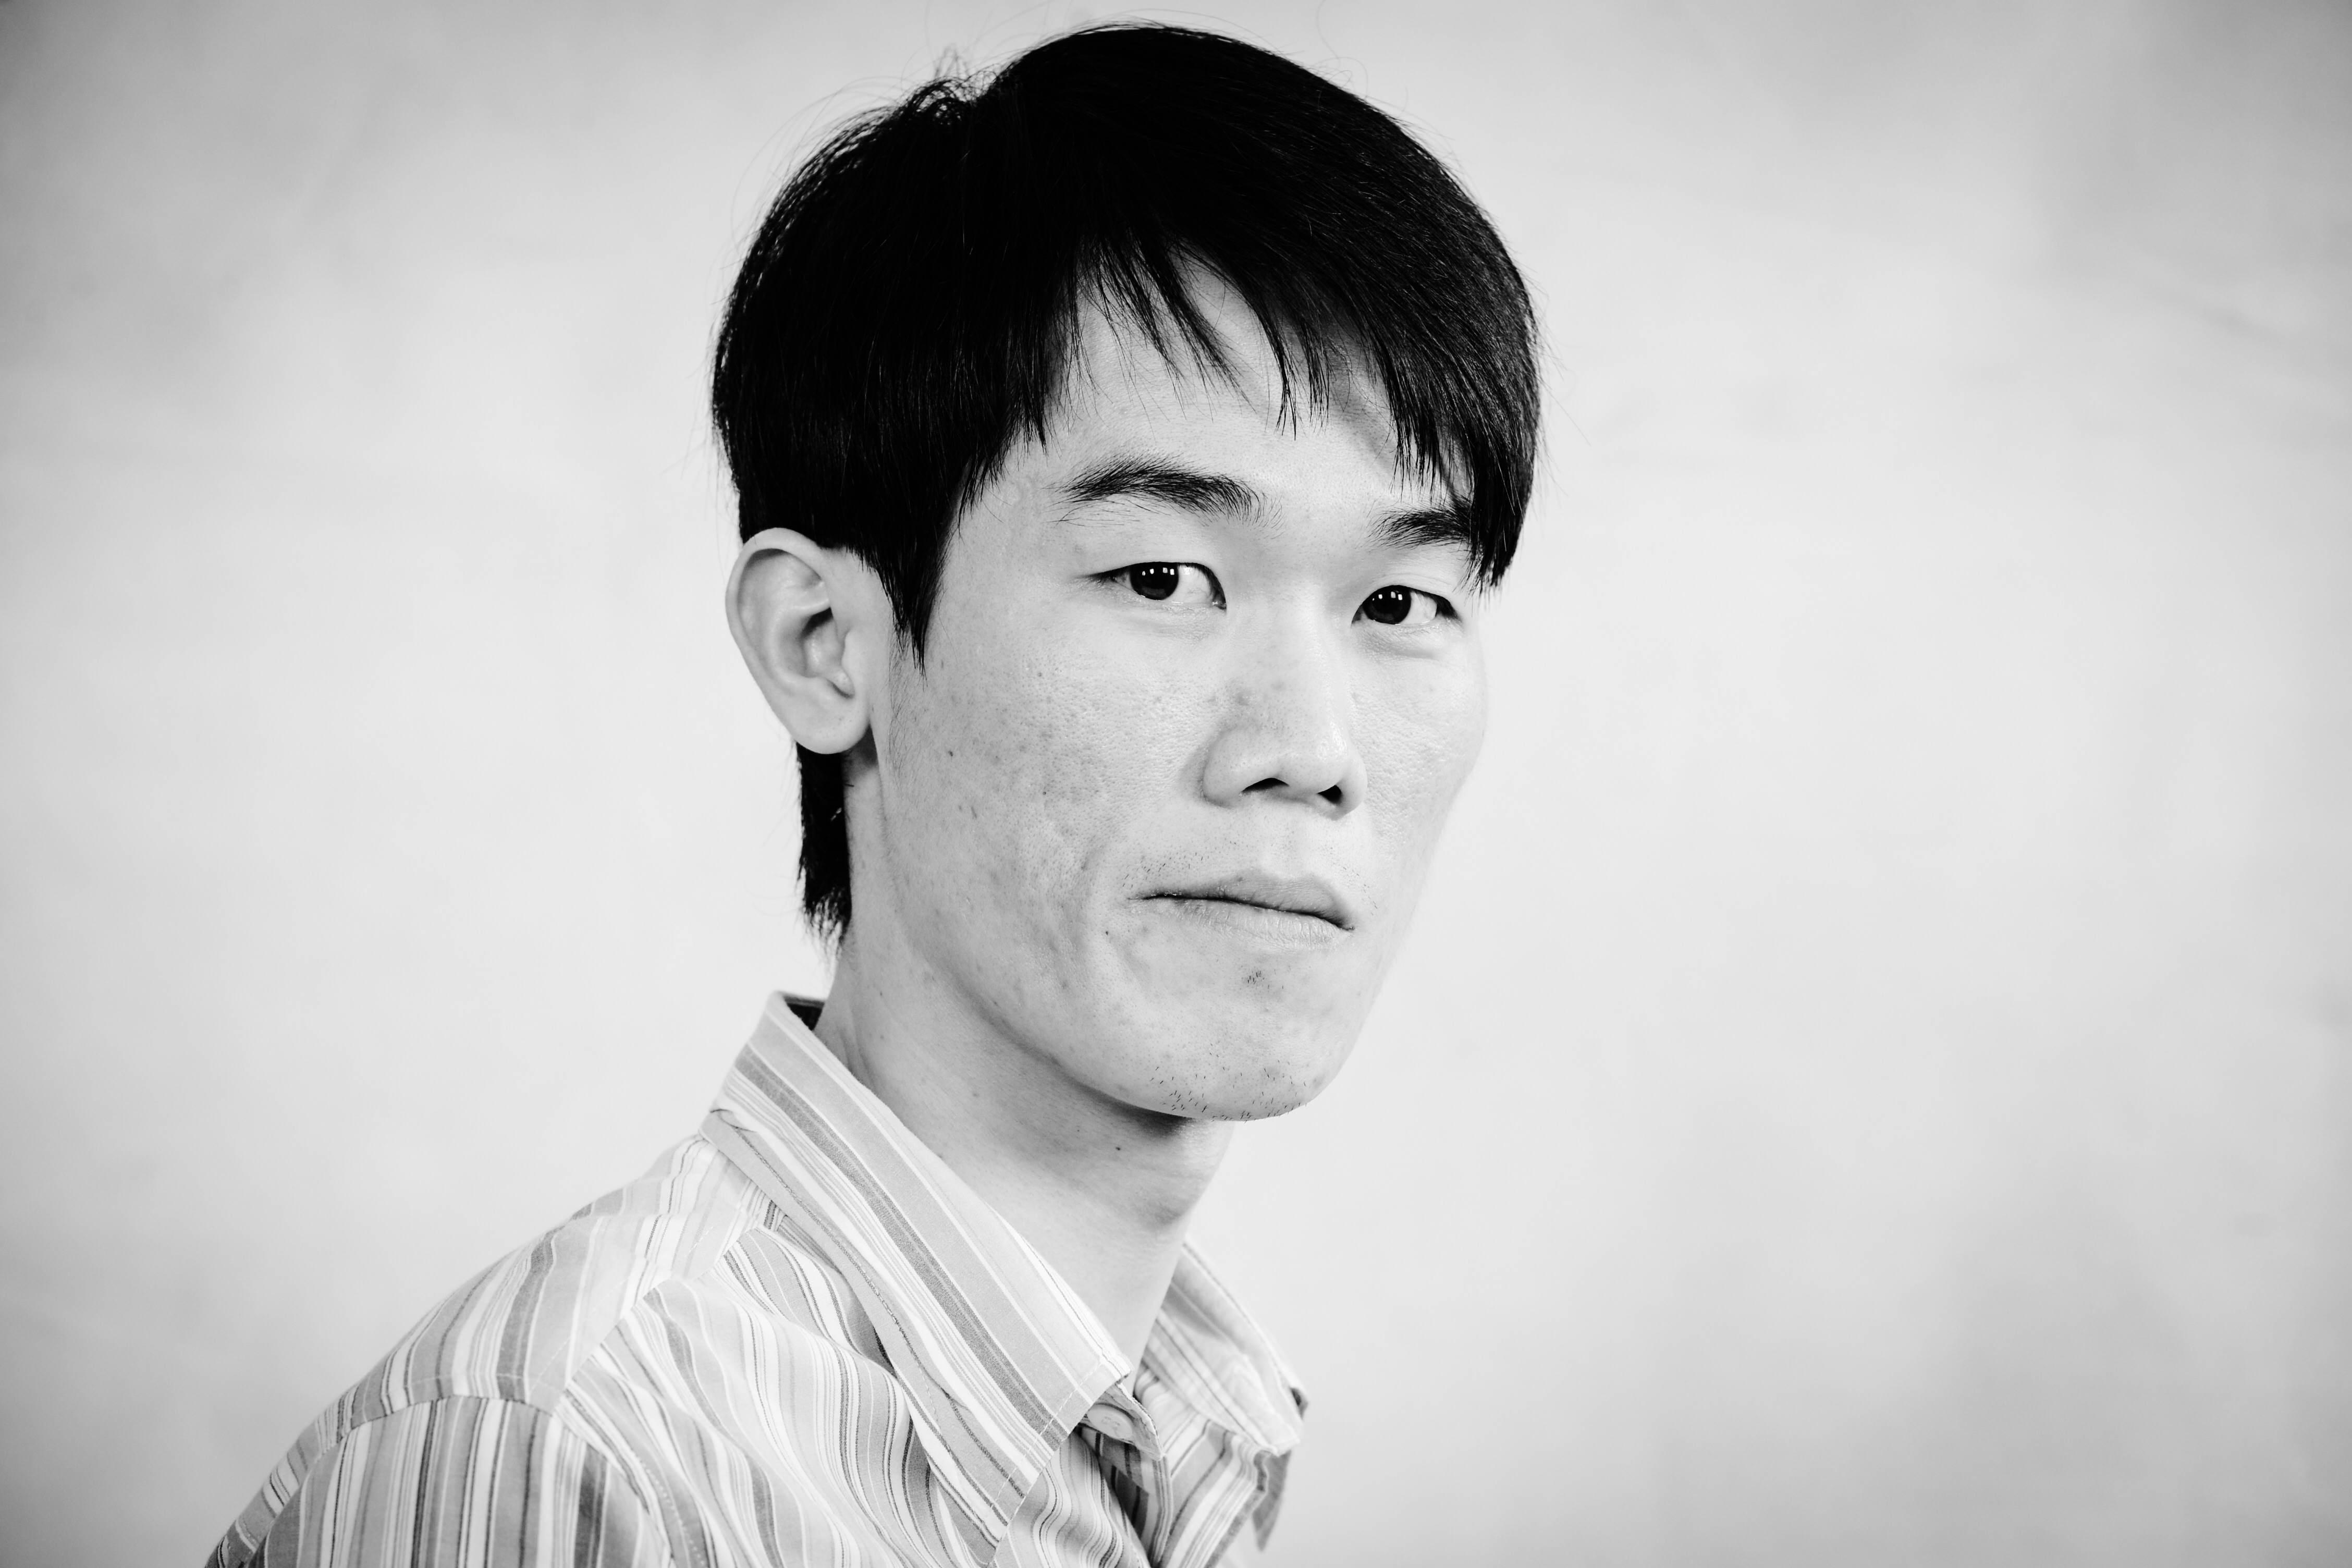 Kor Wei Kang